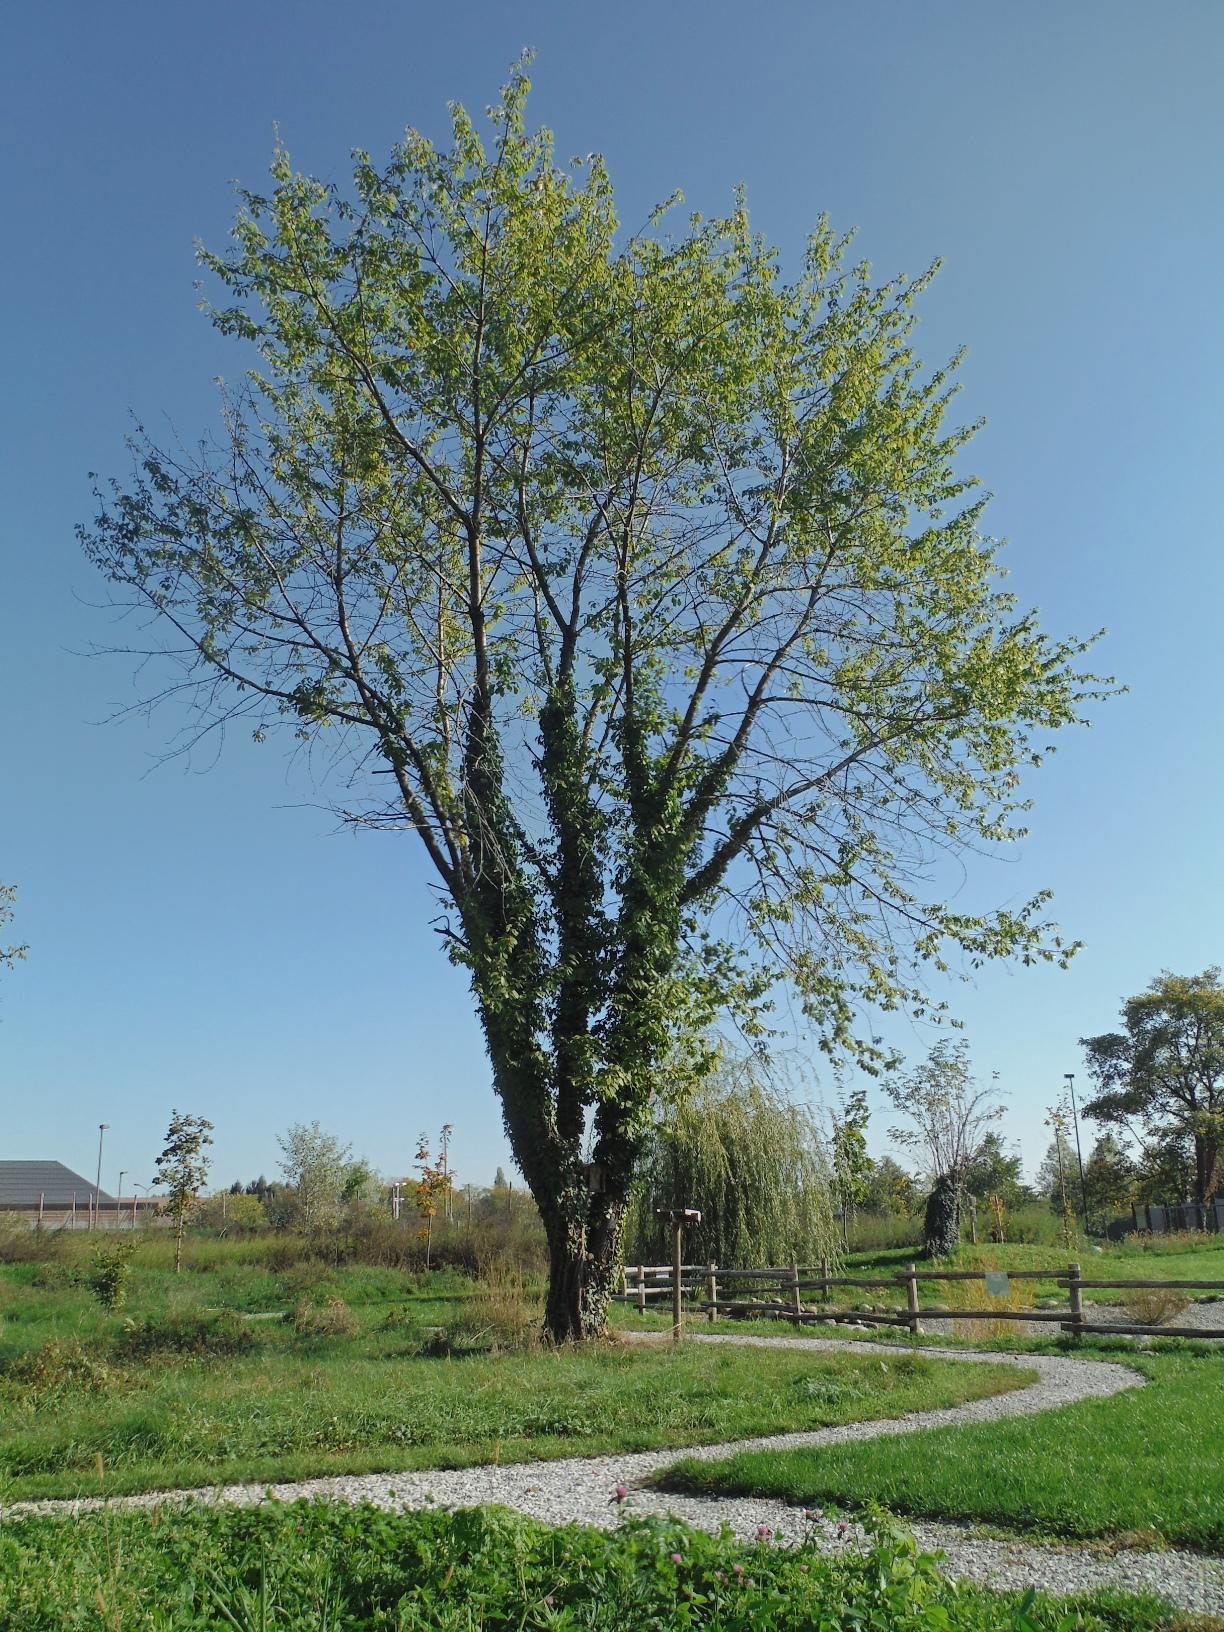 Creta Mon Amour al Parco Fluviale Gesso e Stura